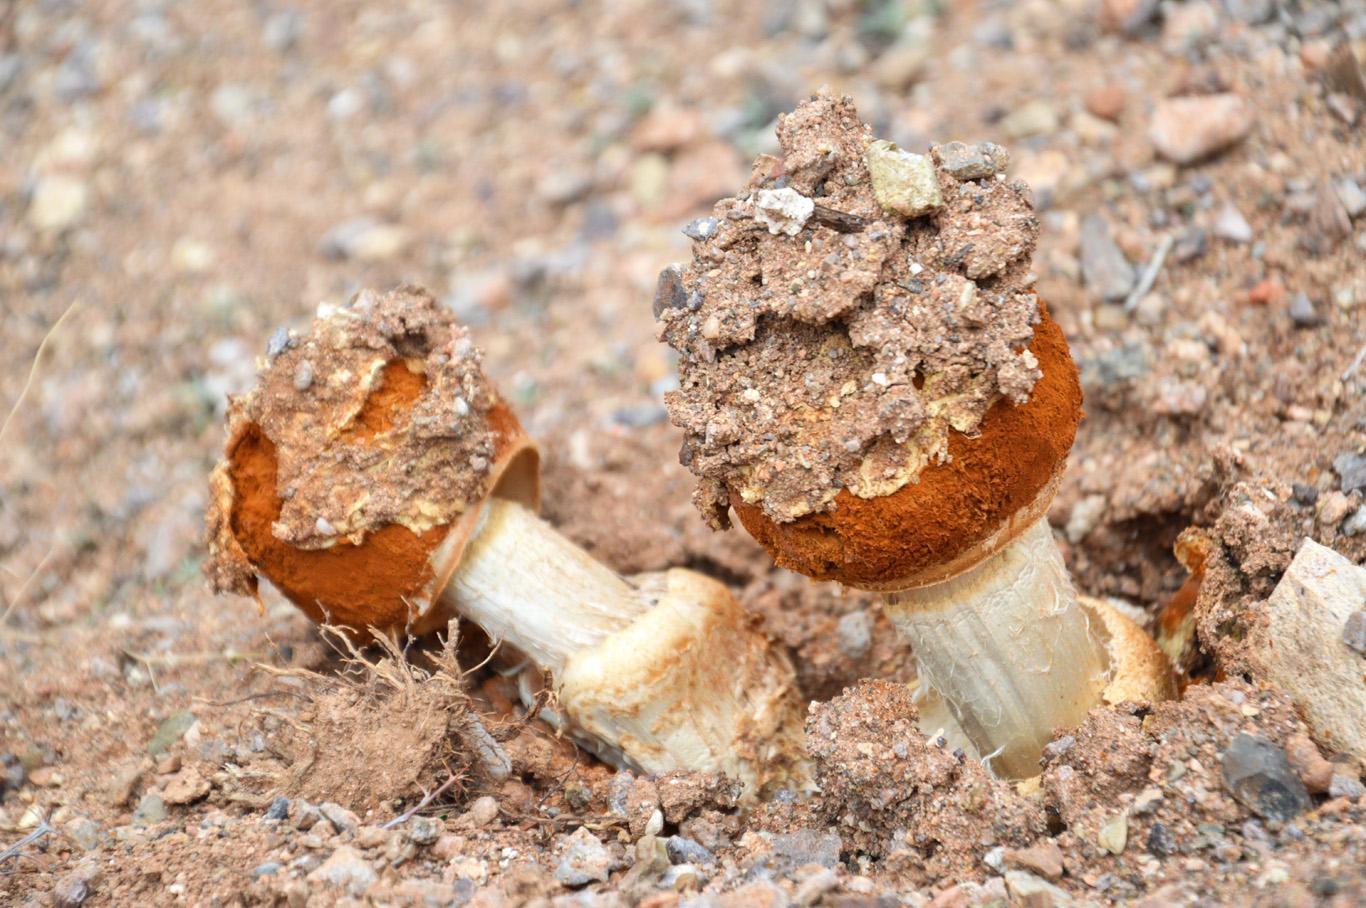 Desert mushrooms